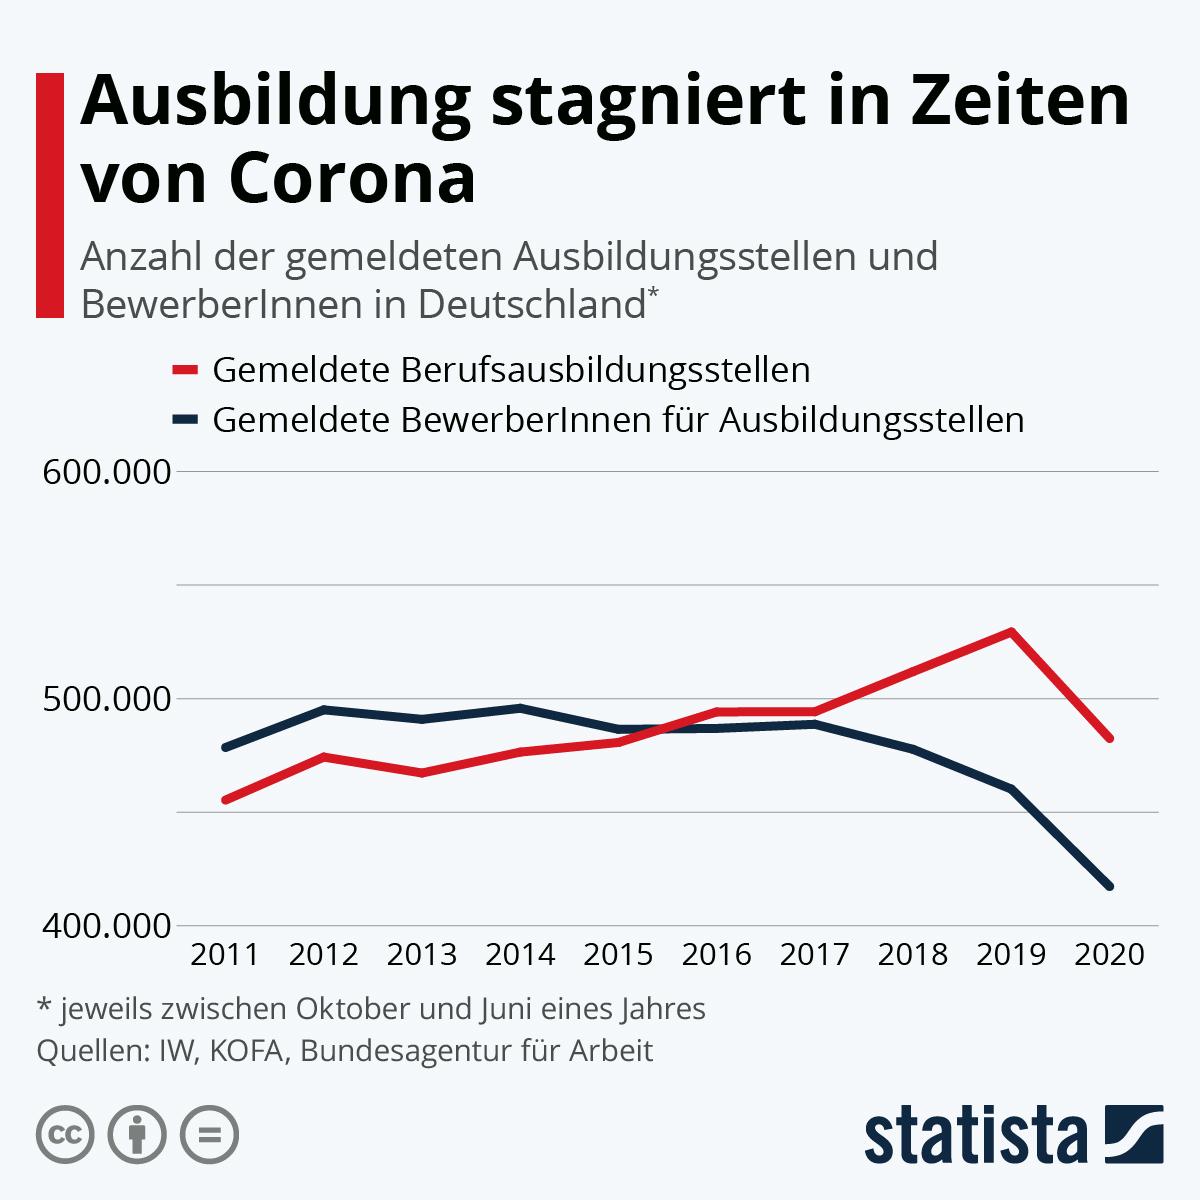 Infografik: Ausbildung stagniert in Zeiten von Corona | Statista